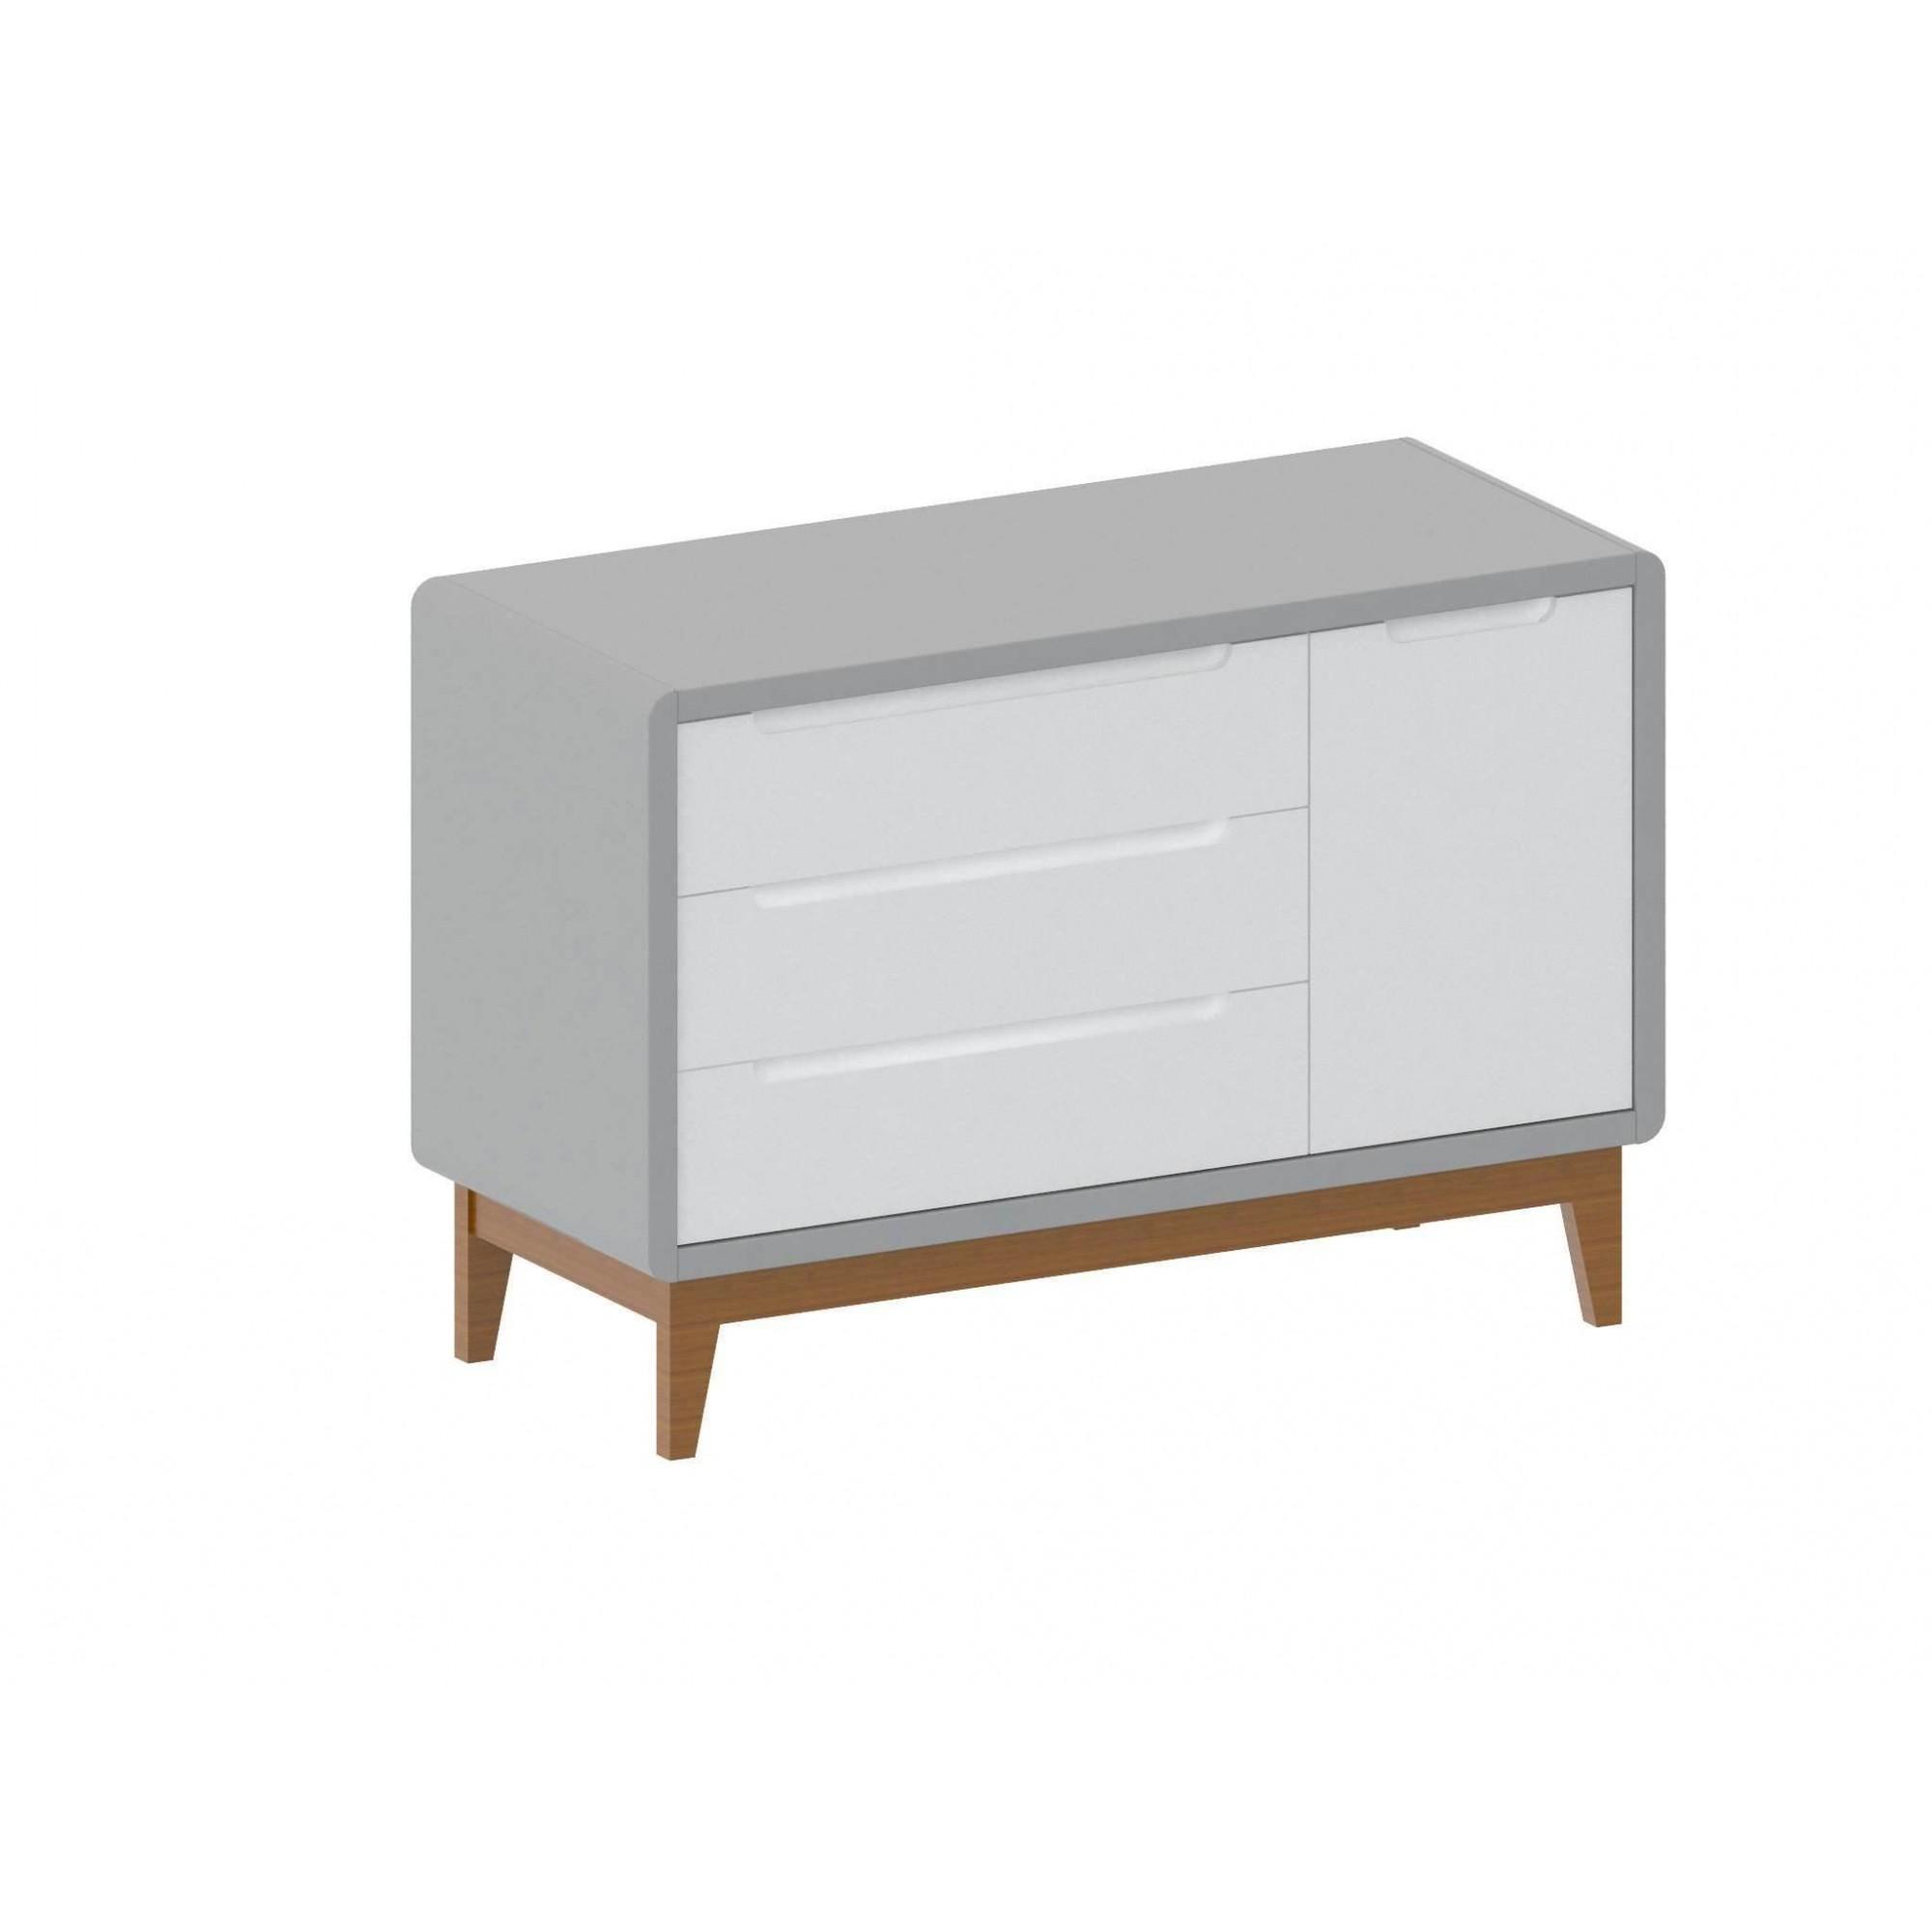 Cômoda Bo 3 gavetas com porta lateral Branca com cinza e pés em madeira